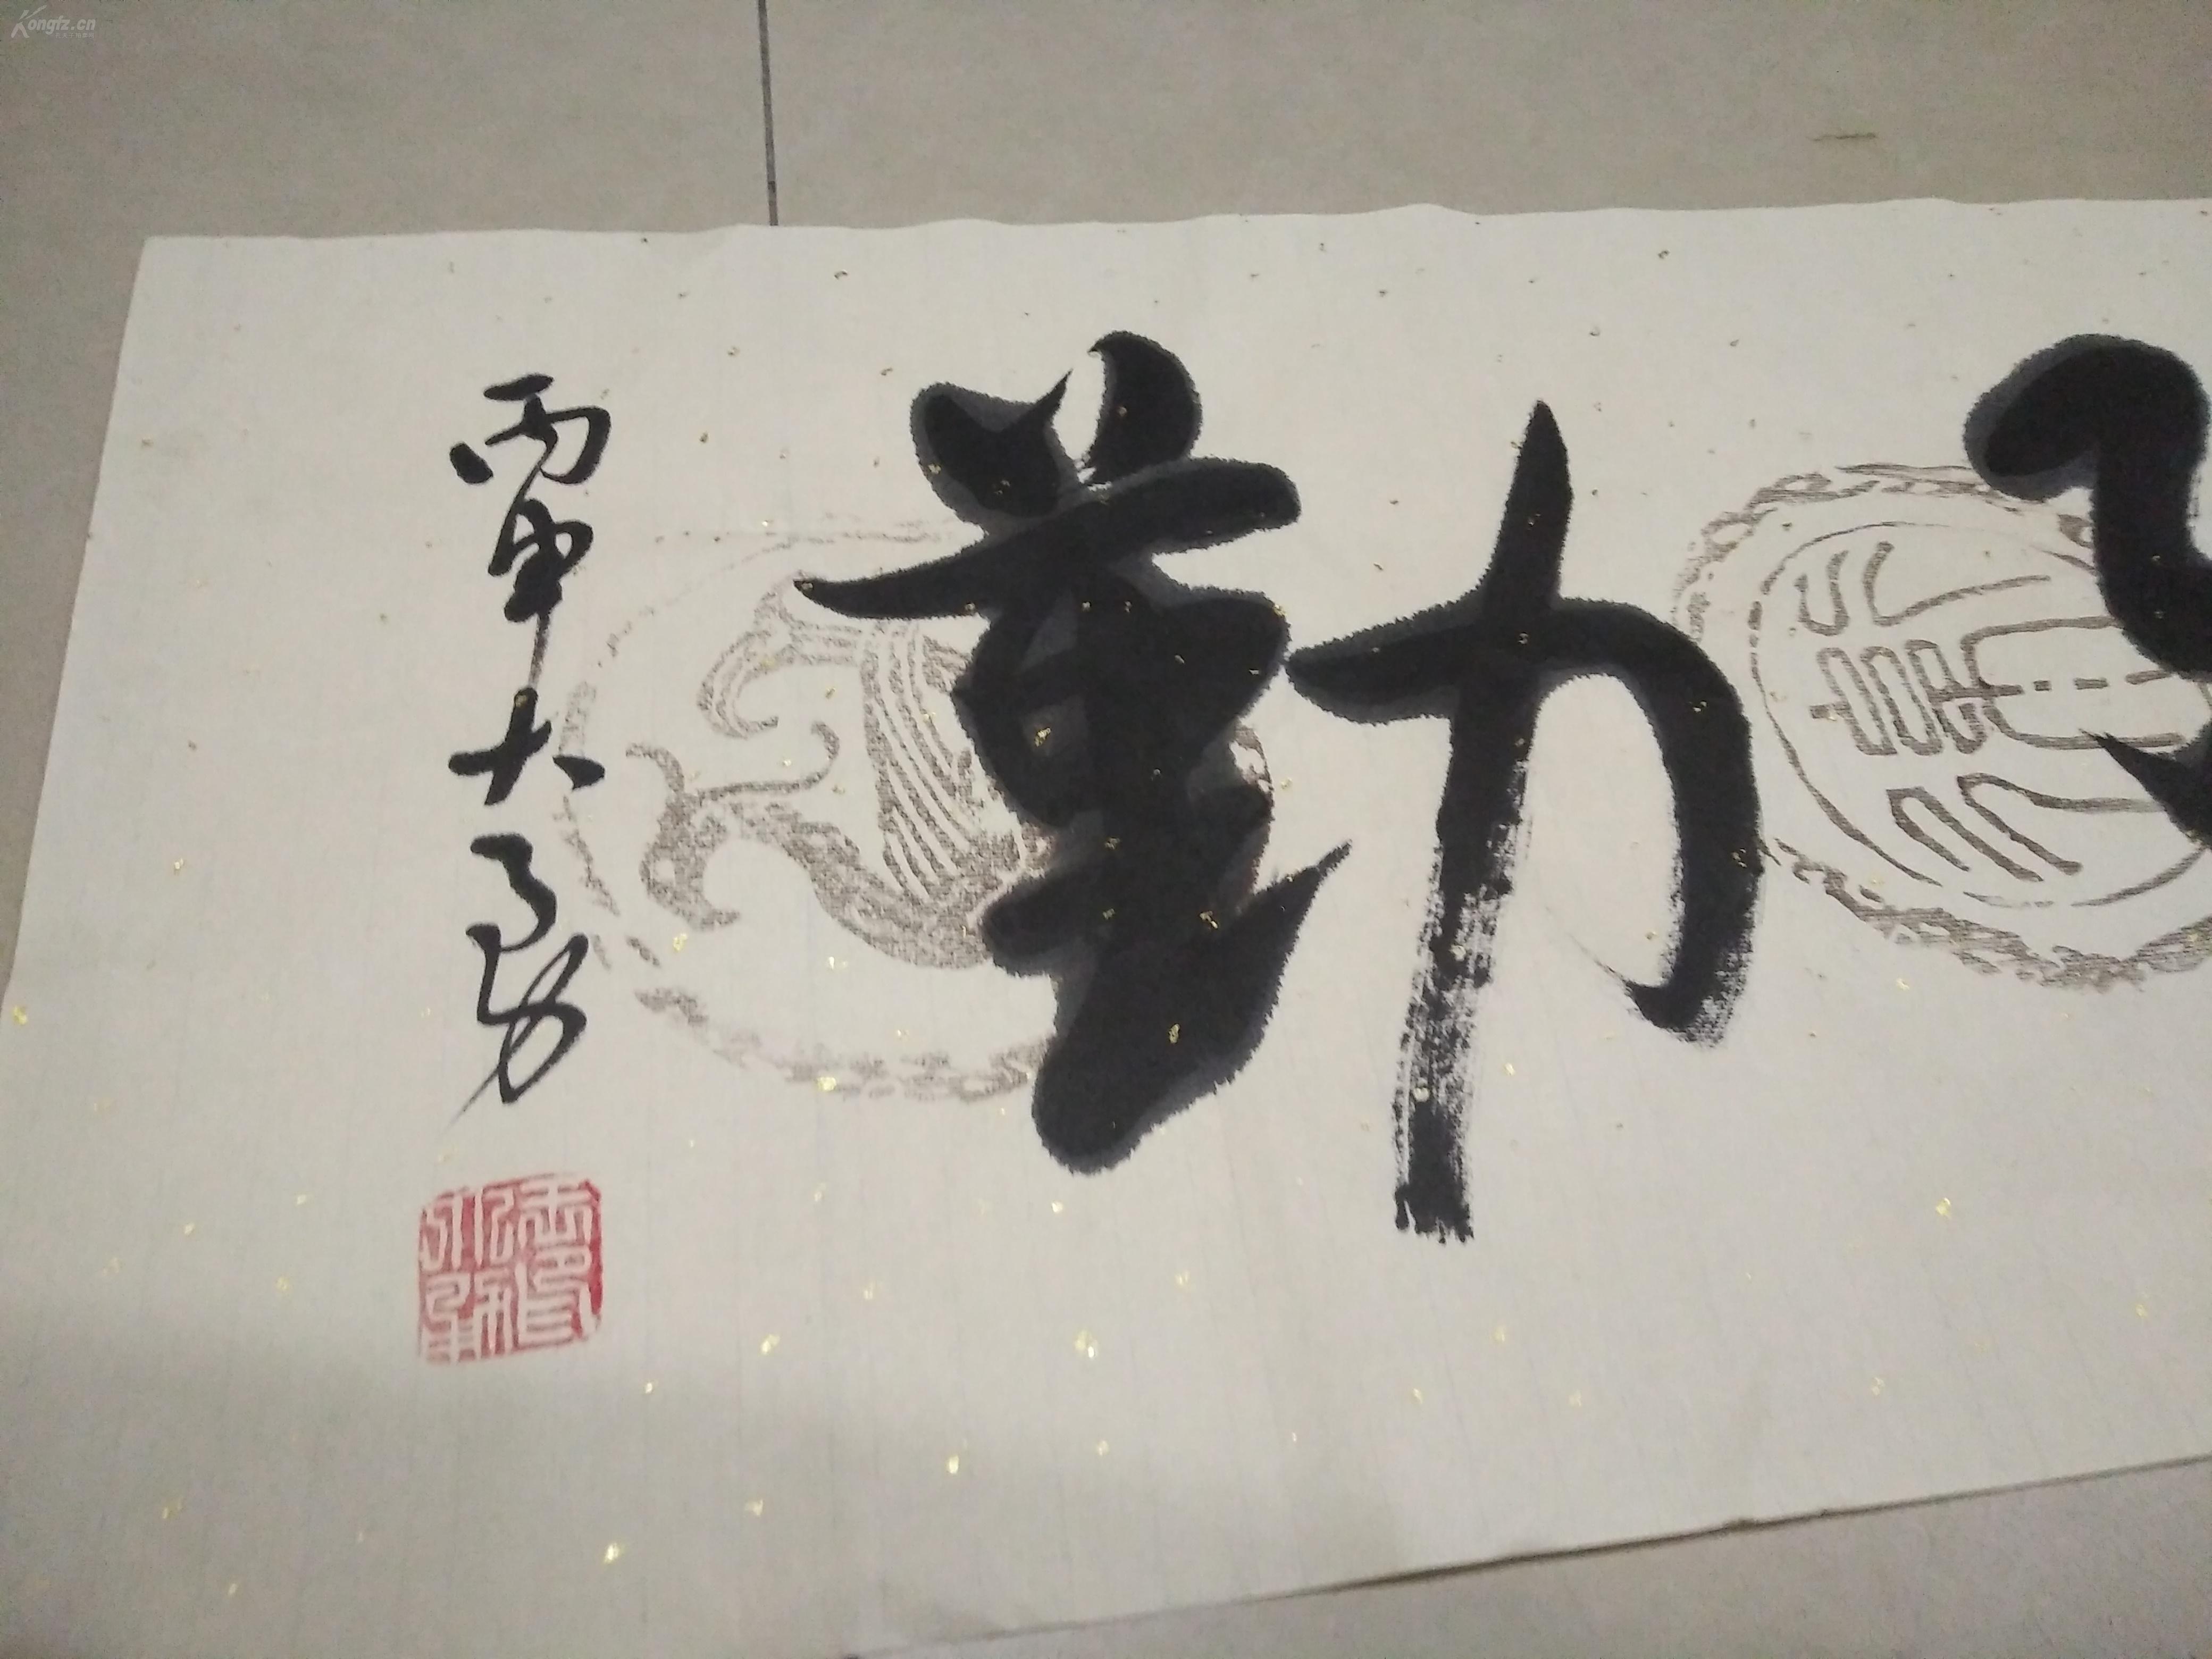 藏文纹身天道酬勤分享展示